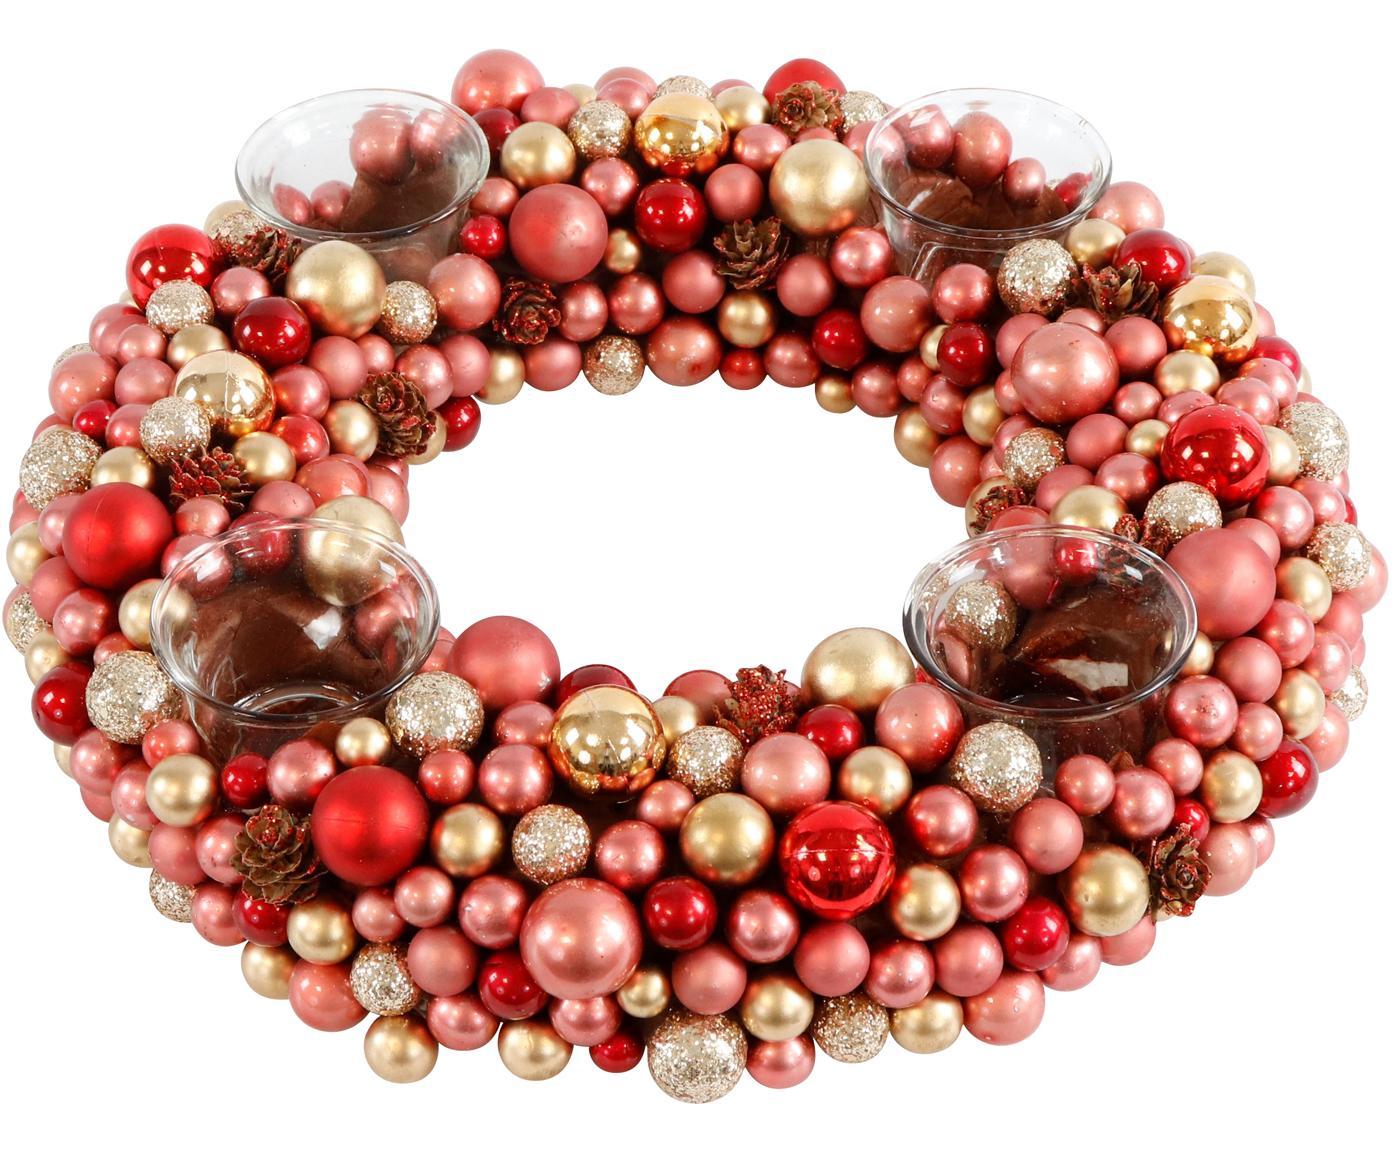 Ghirlanda decorativa Natale Festiviti, Materiale sintetico, polistirolo, Rosso, dorato, Ø 33 x Alt. 8 cm